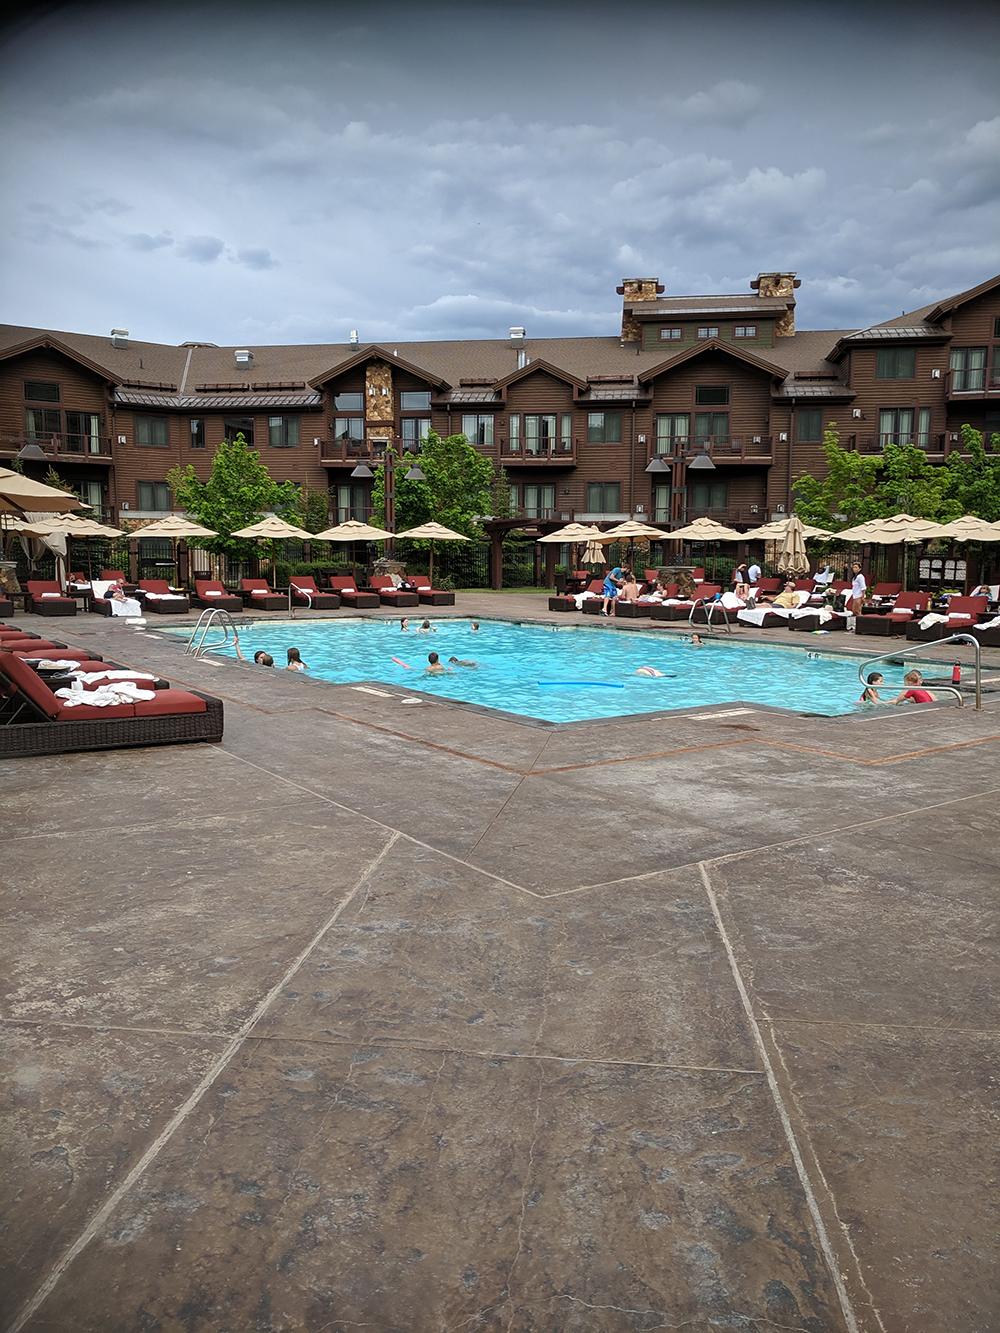 Pool resized.jpg